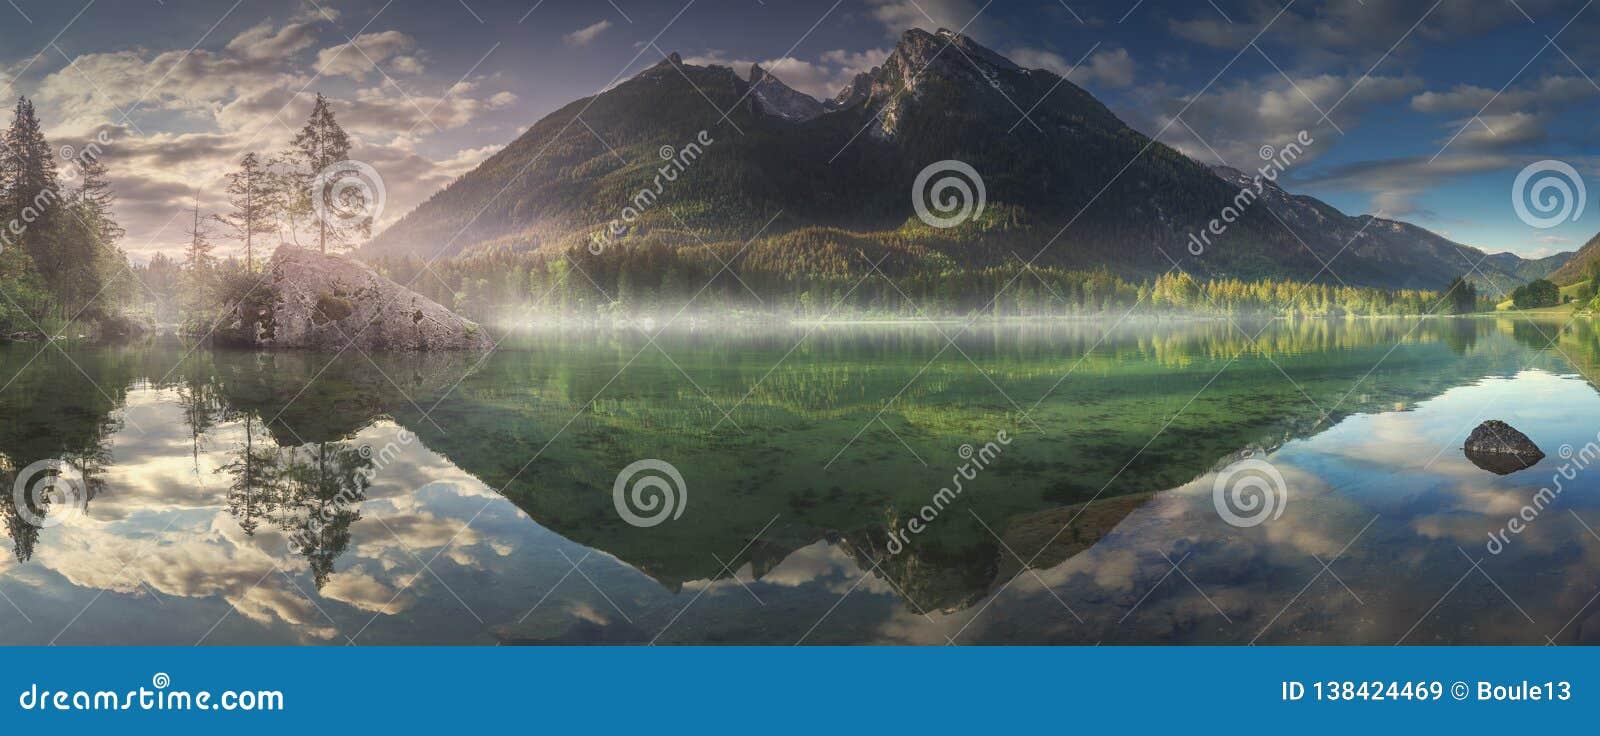 Άποψη της λίμνης Hintersee στις βαυαρικές Άλπεις, Γερμανία